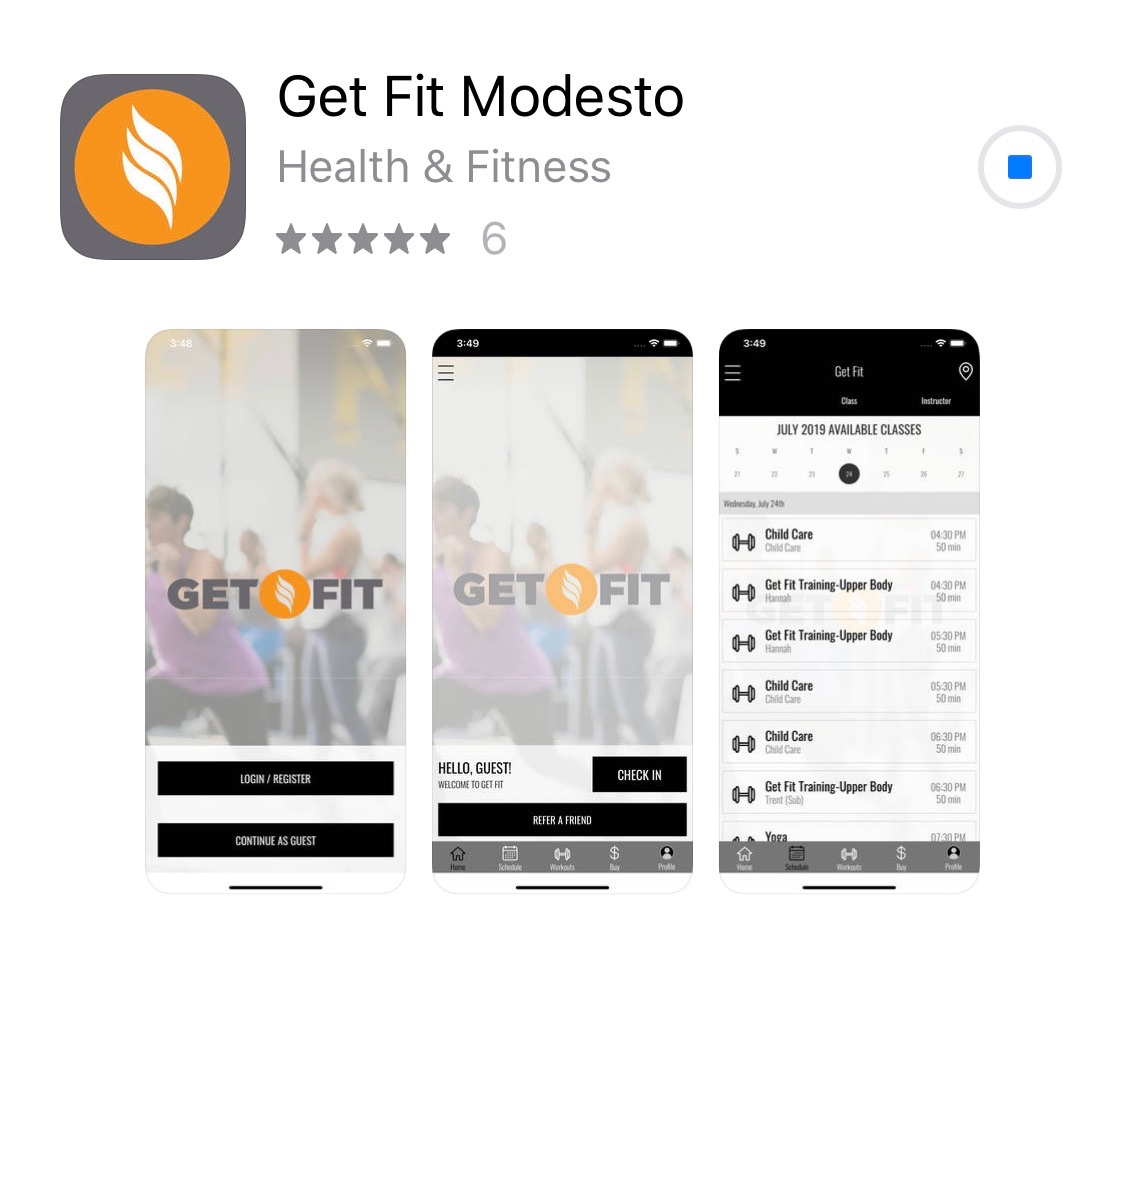 Get Fit Modesto App Design